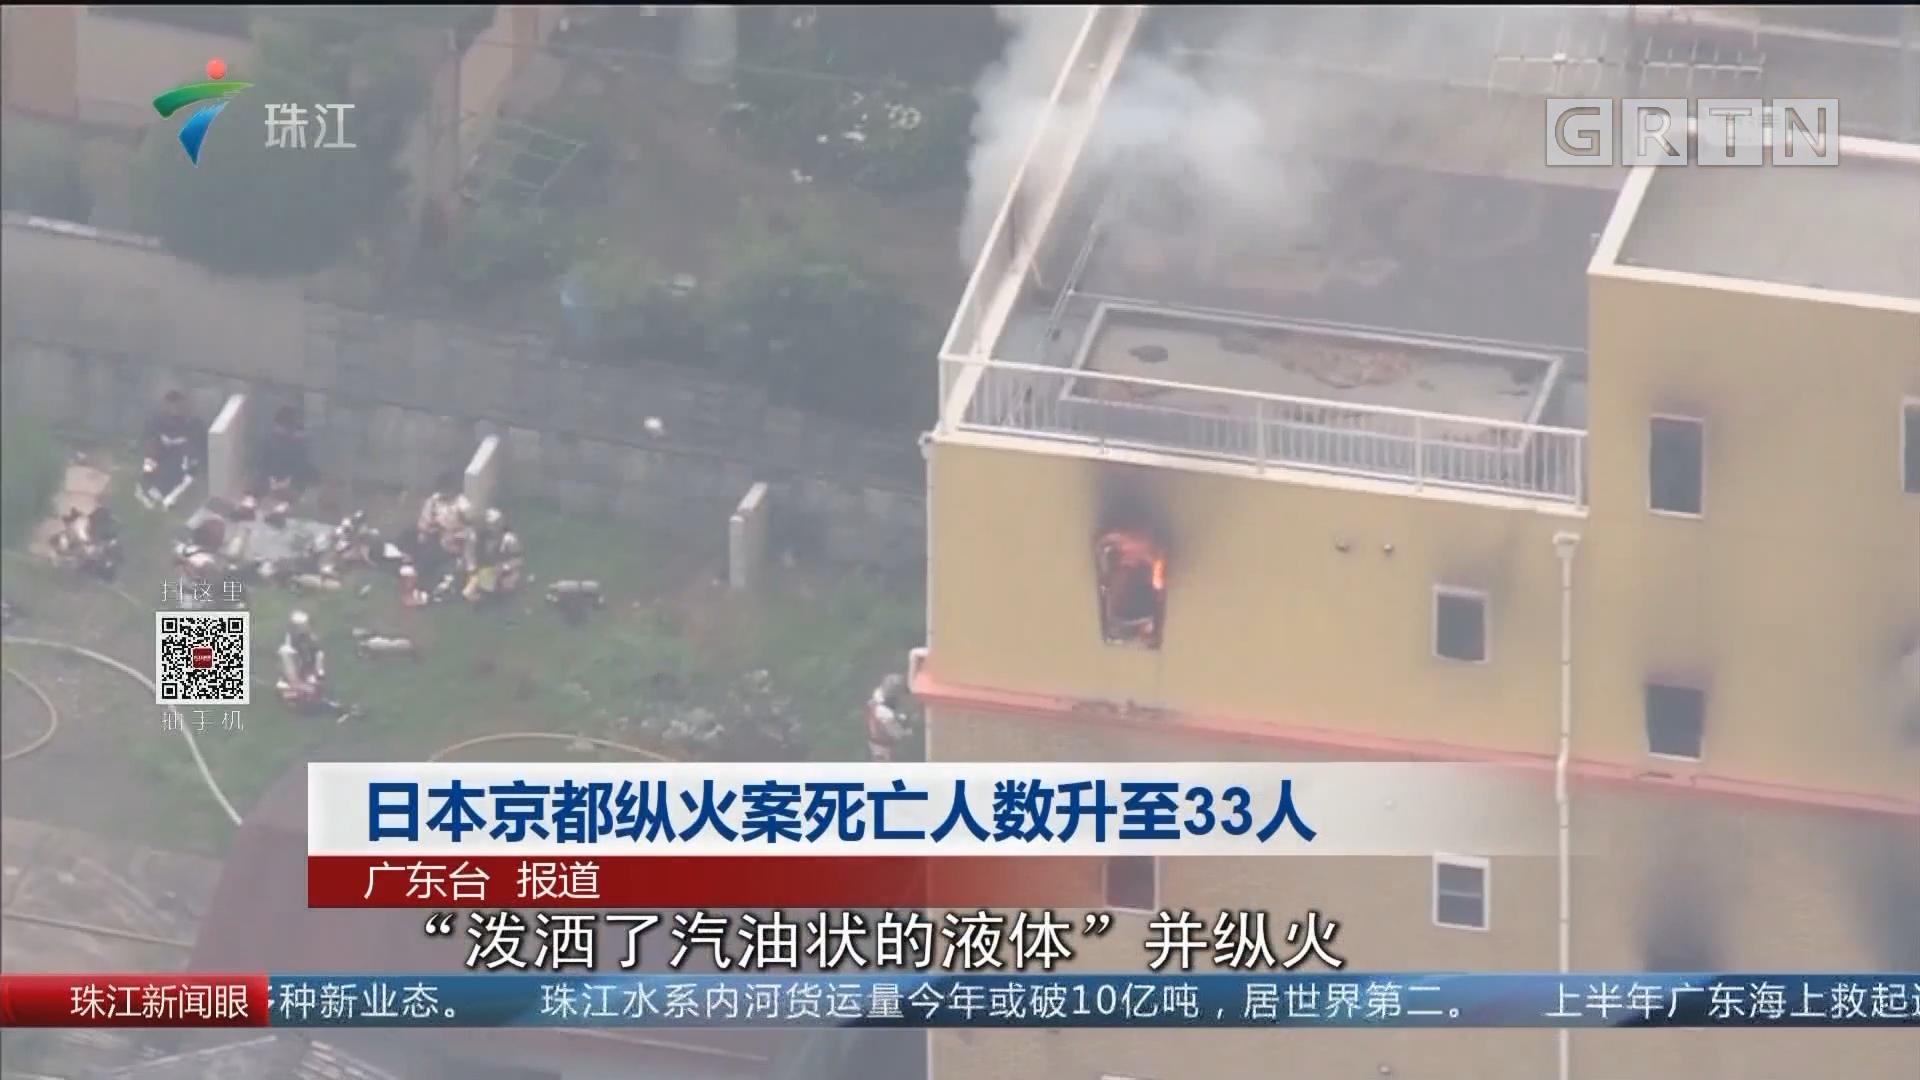 日本京都纵火案死亡人数升至33人